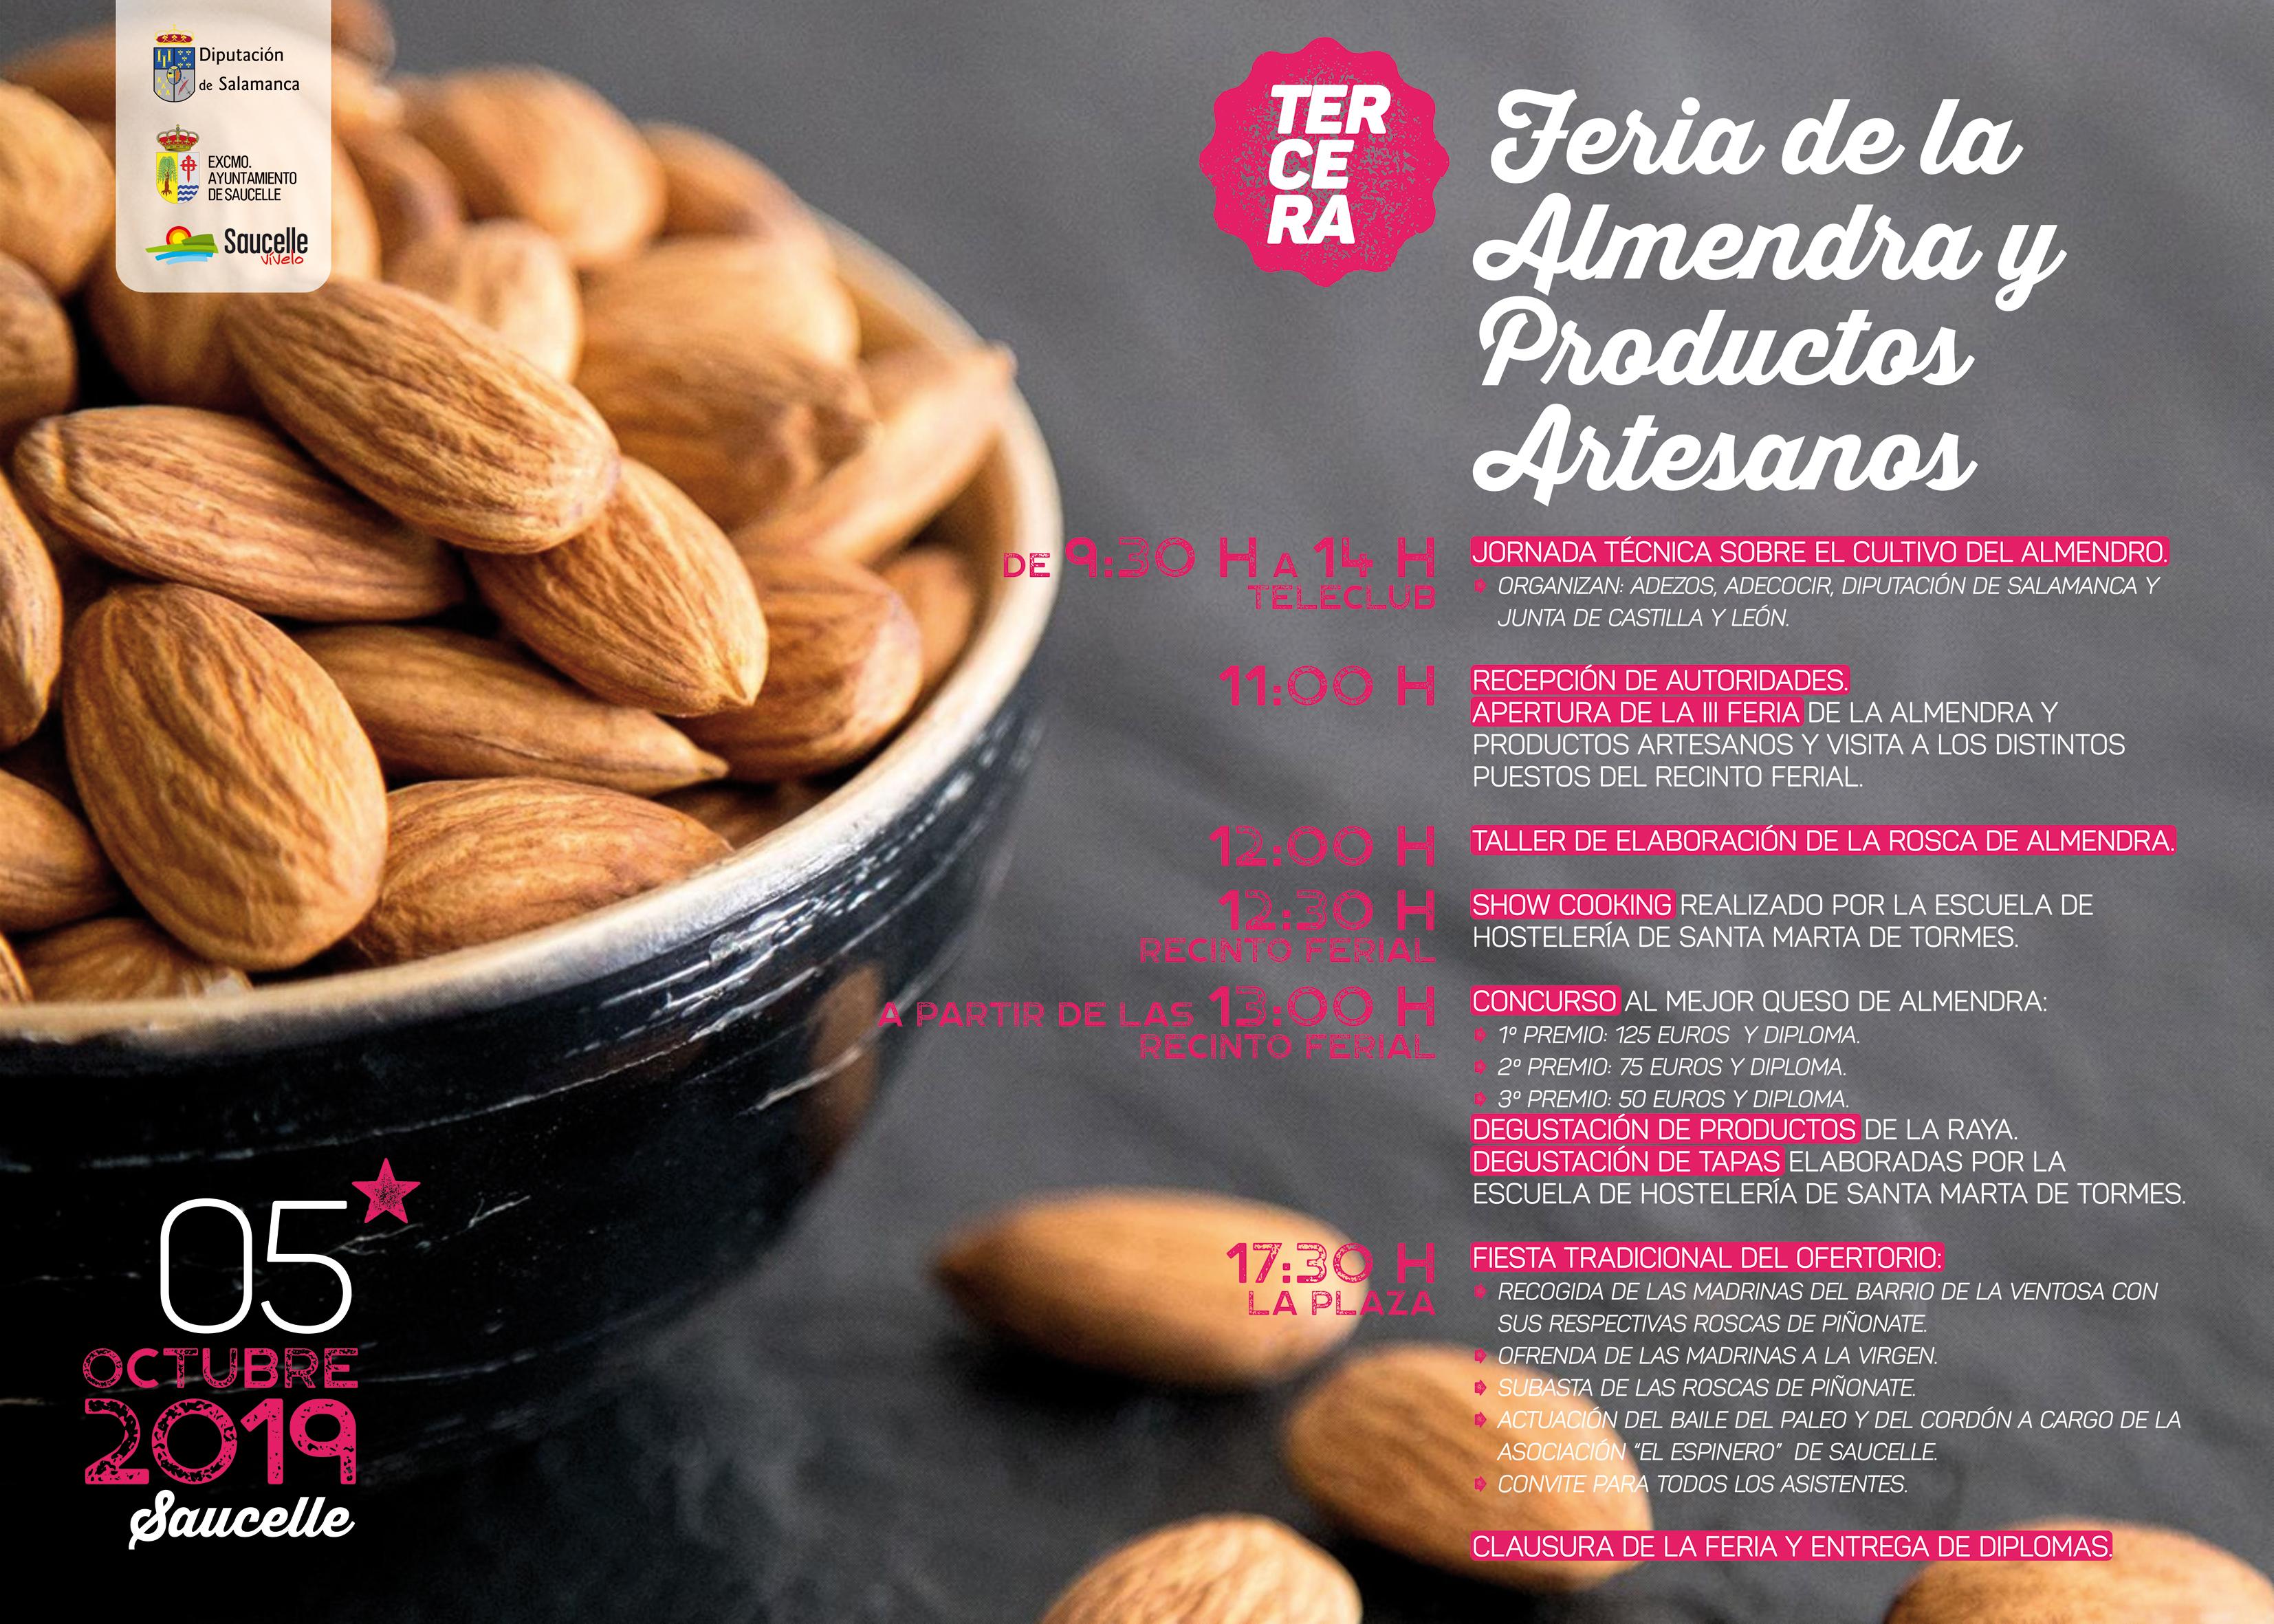 III Feria de la Almendra y Productos Artesanos